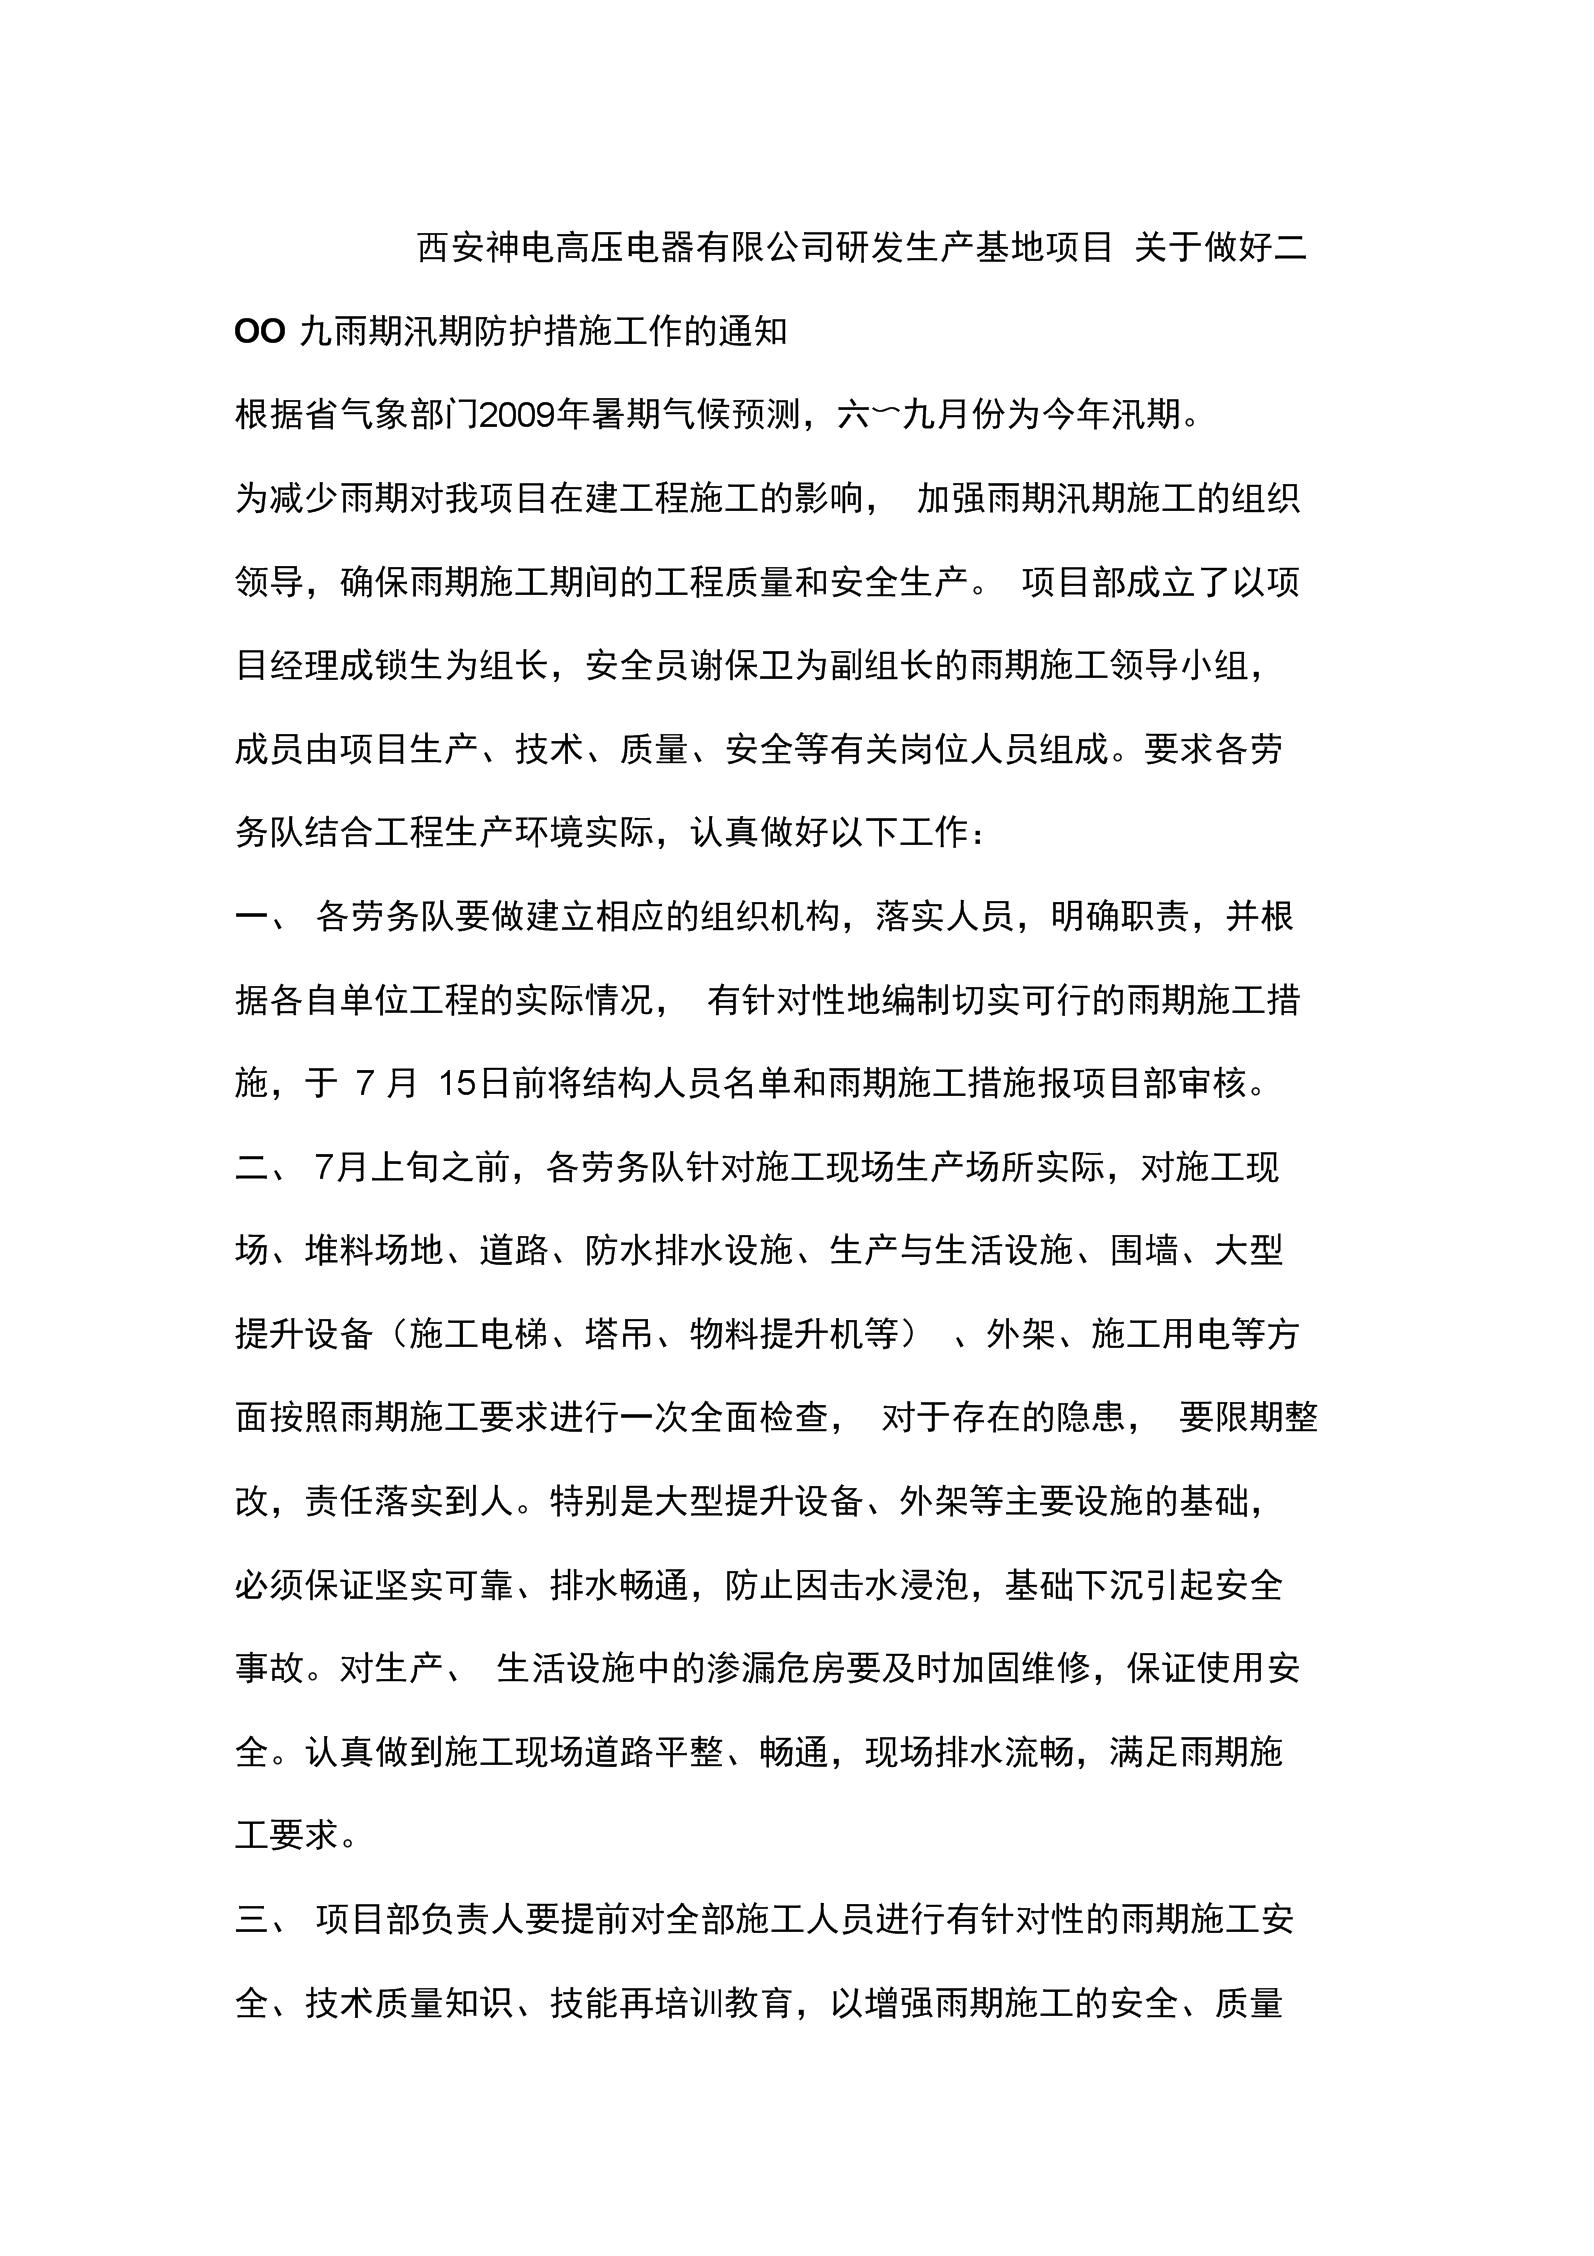 研发生产基地雨季施工措施.docx